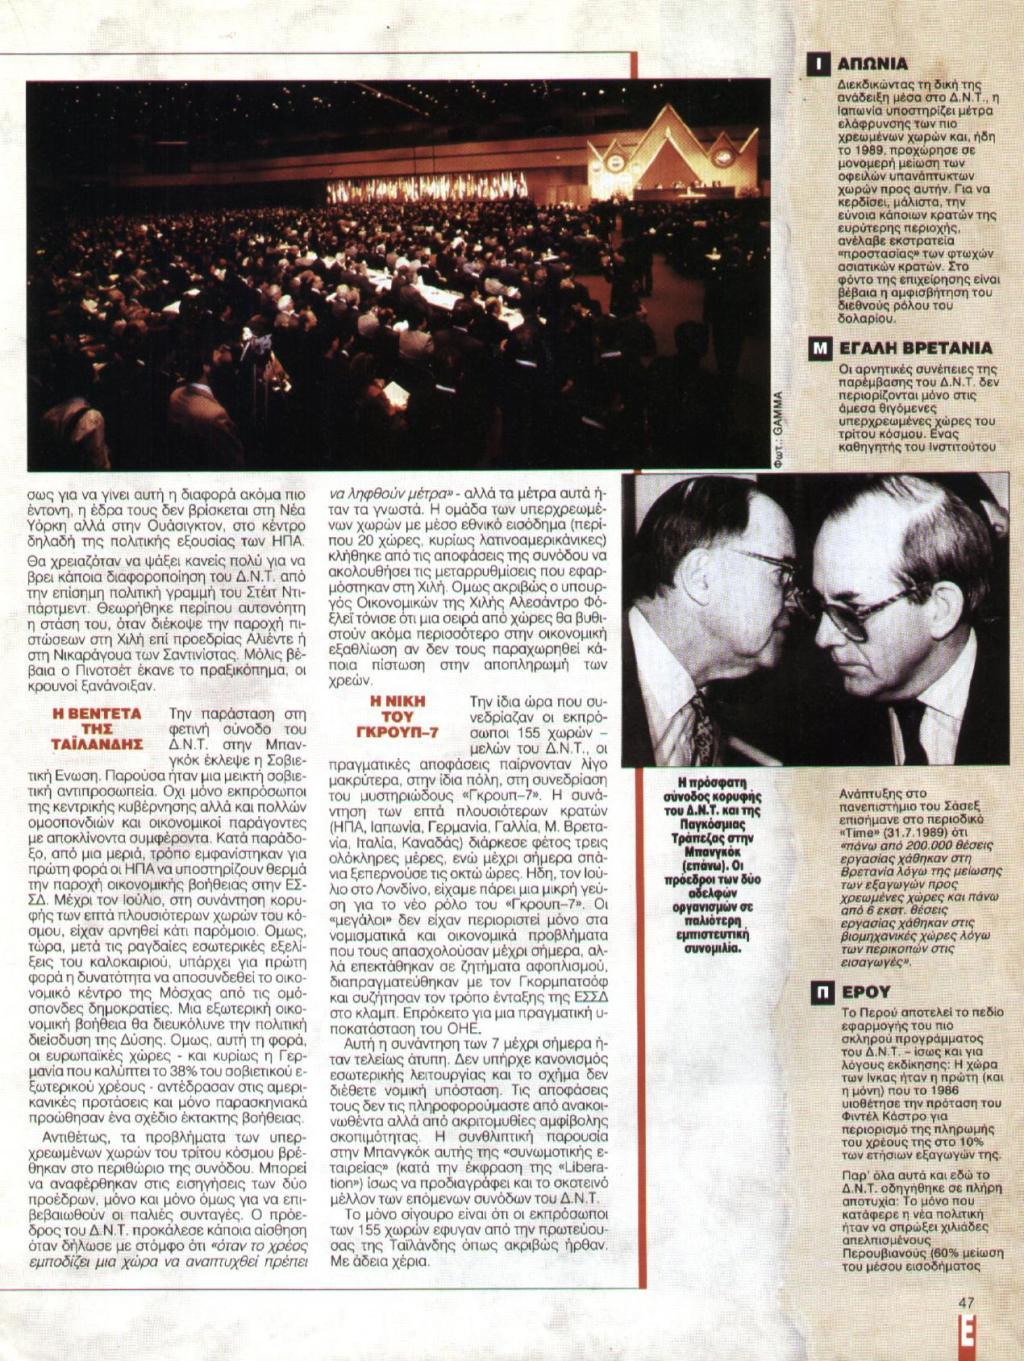 1991-11-03-ΕΨΙΛΟΝ - Ιός - Διεθνές Νομισματικό Ταμείο ΔΝΤ Το φιλί της ζωής που σκοτώνει-ΣΕΛ-03